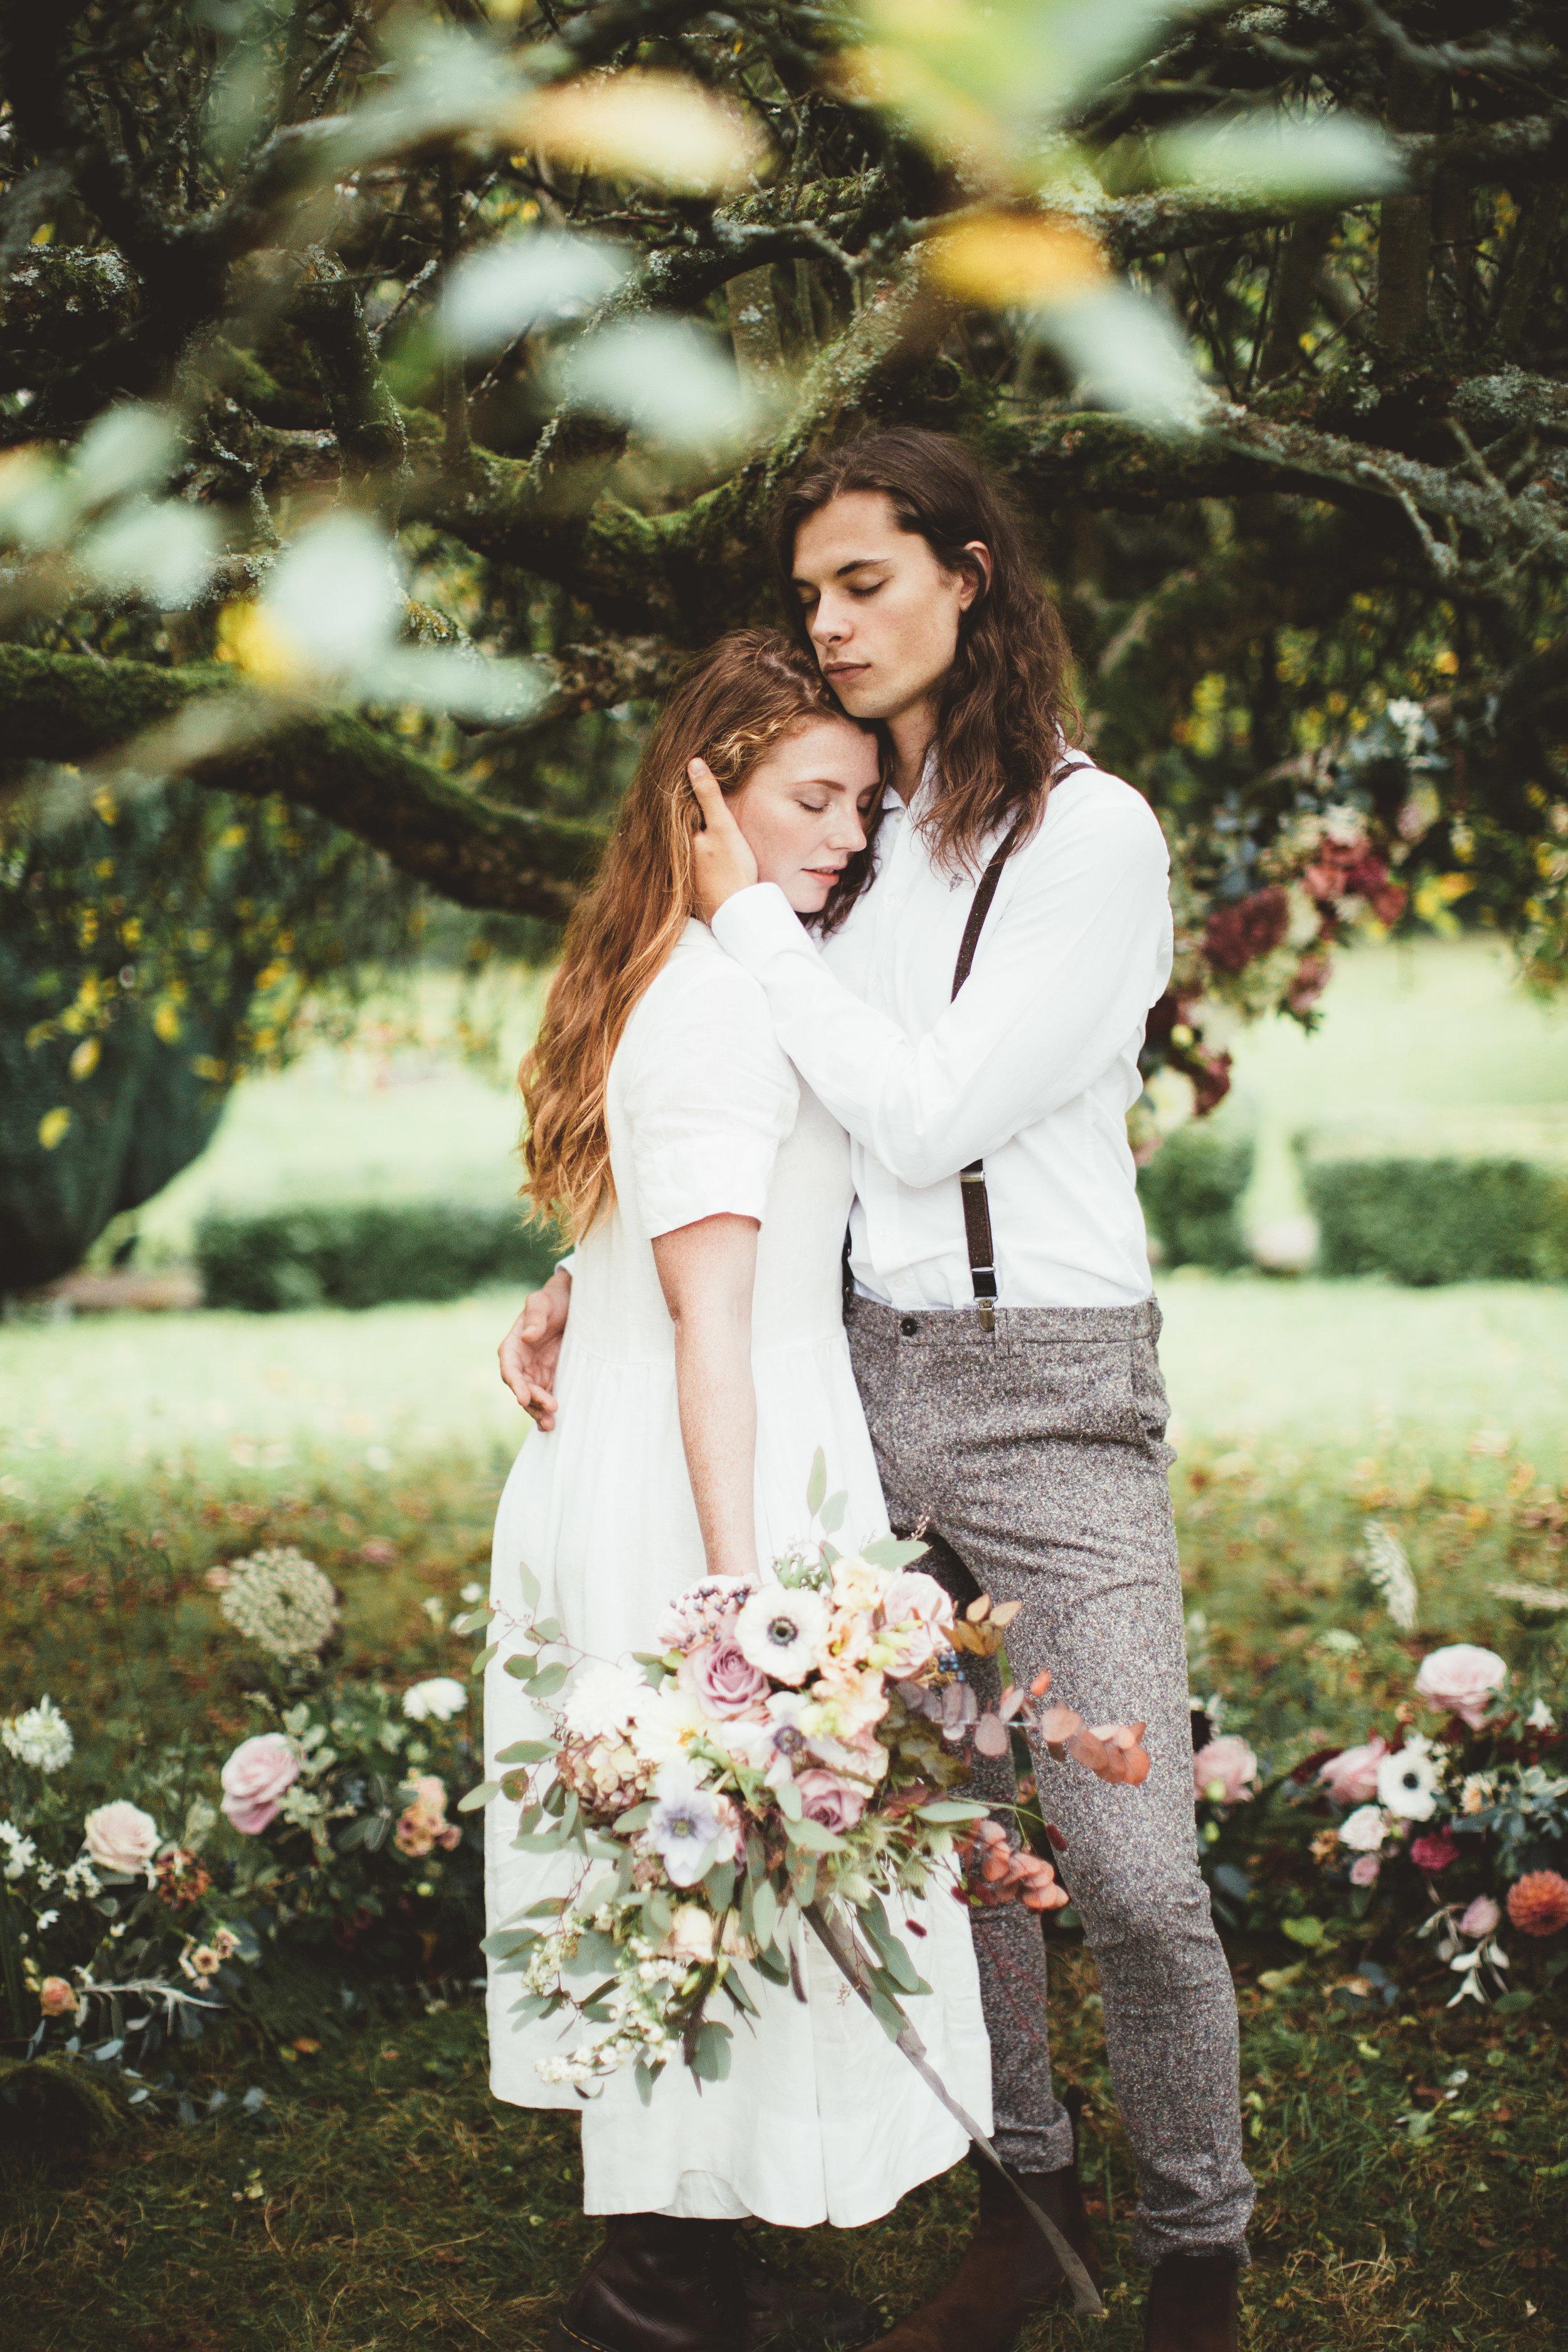 jennifer pinder flower school is voted best in England photos of portfolio summer wedding workshop - maryanneweddings-219.jpg